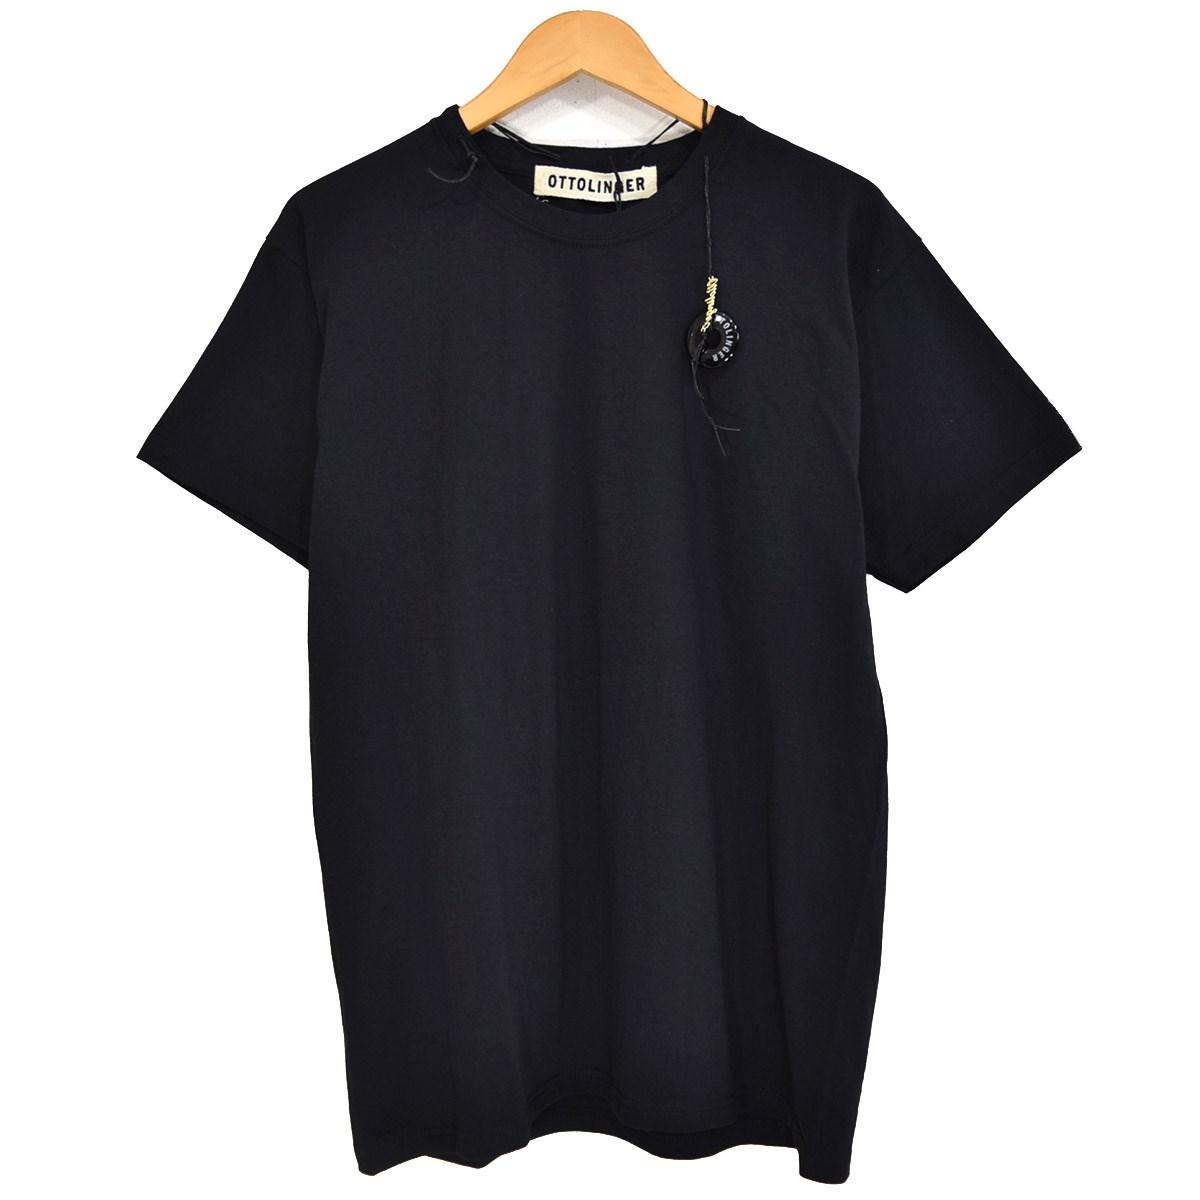 【中古】OTTOLINGER BLACK CHAIN T-SHIRT ブラックチェーンTシャツ 2019SS ブラック サイズ:S 【170420】(オットリンガー)